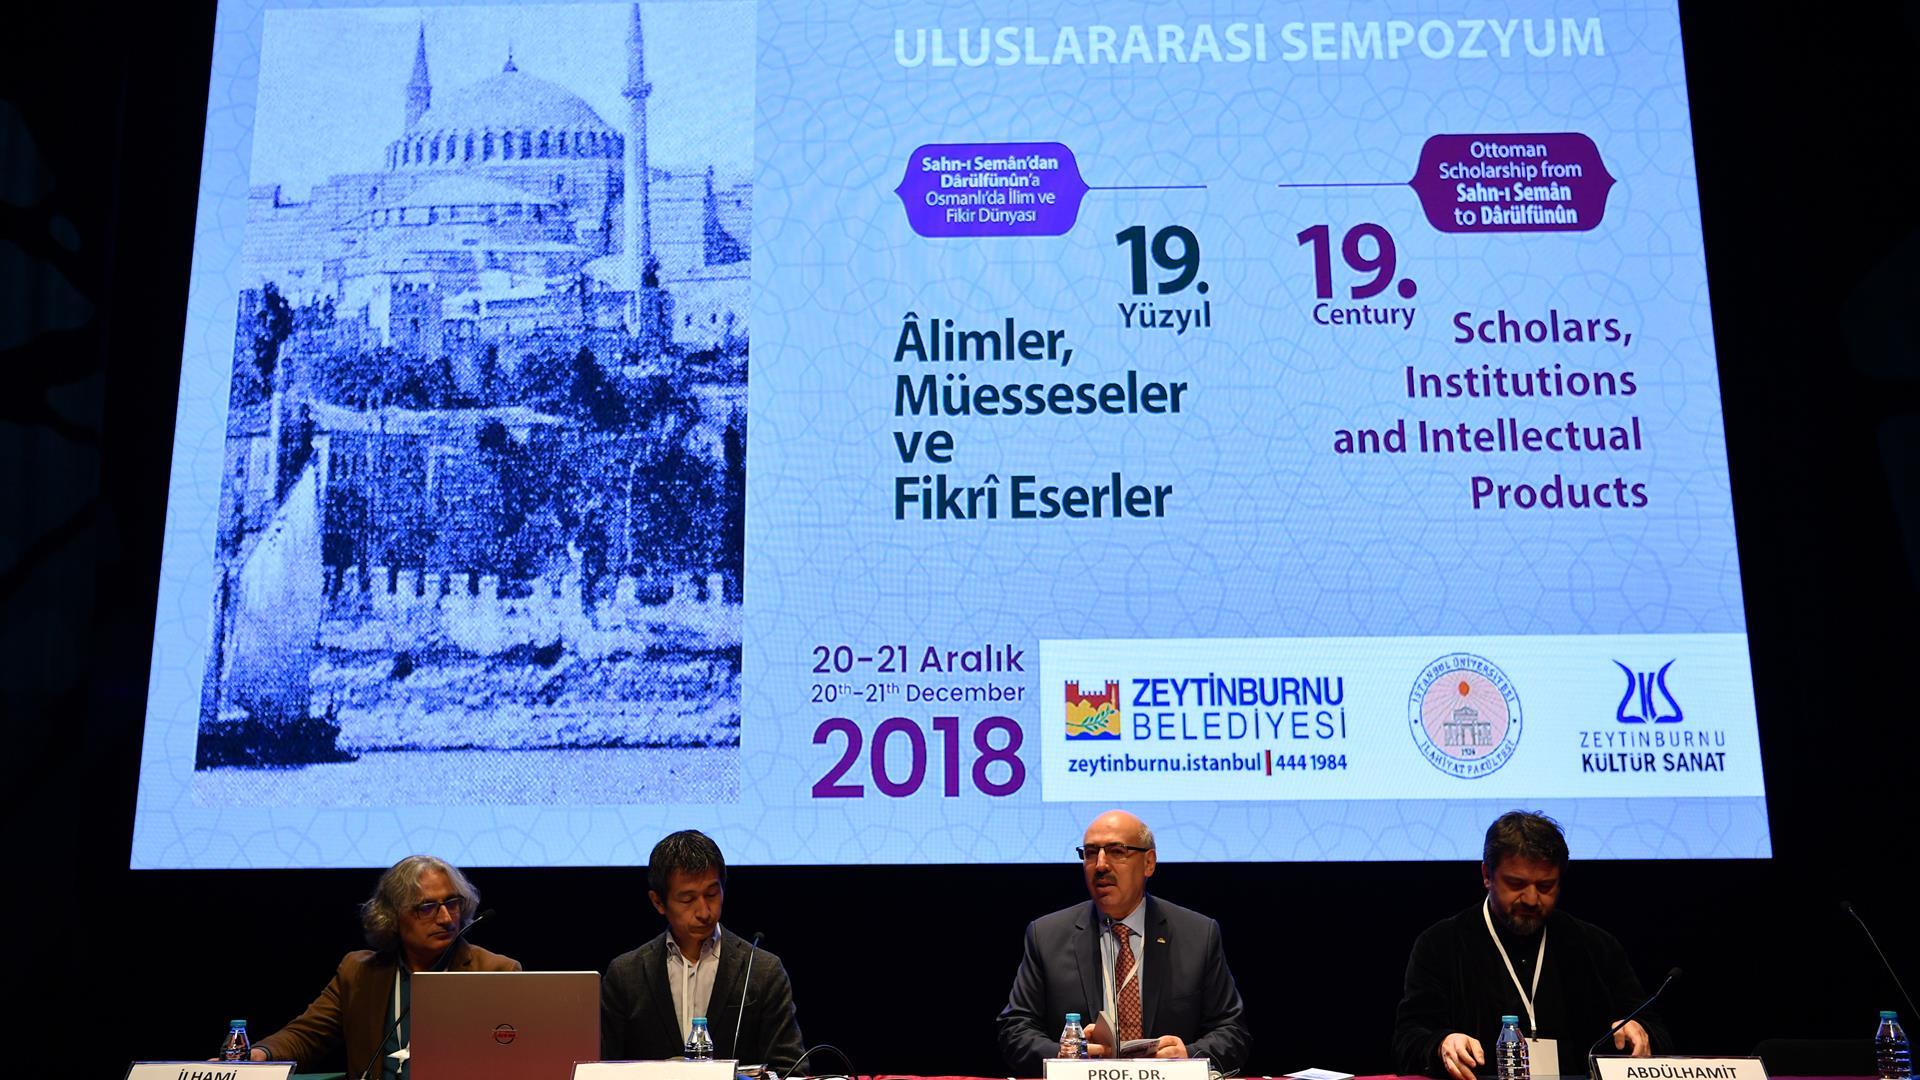 """""""Sahn-ı-Seman'dan-Darülfünün'a-Osmanlı'da-İlim-ve-Fikir-Dünyası:-Alimler -Müesseseler-ve-Fikri-Eserler-Sempozyumu""""-Gerçekleştirildi"""